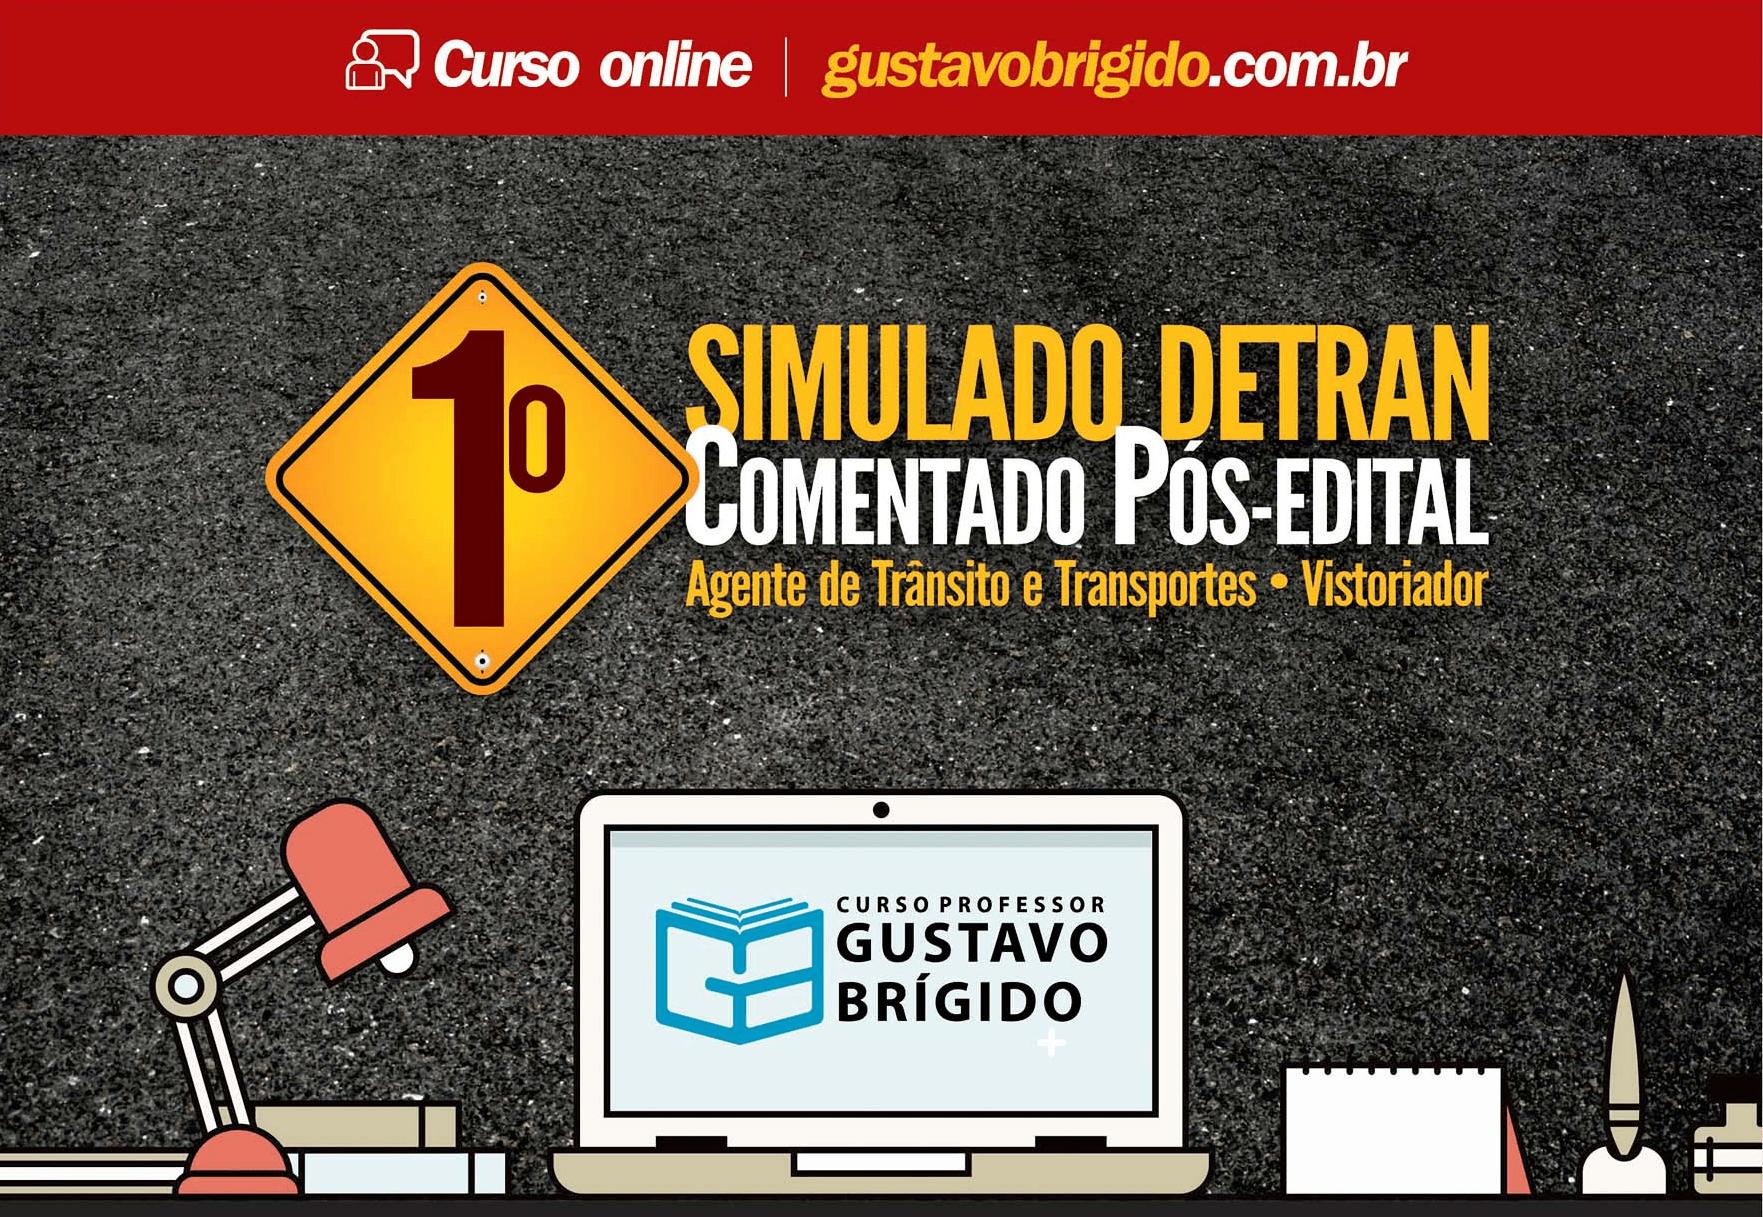 1° SIMULADO DETRAN - EM PDF